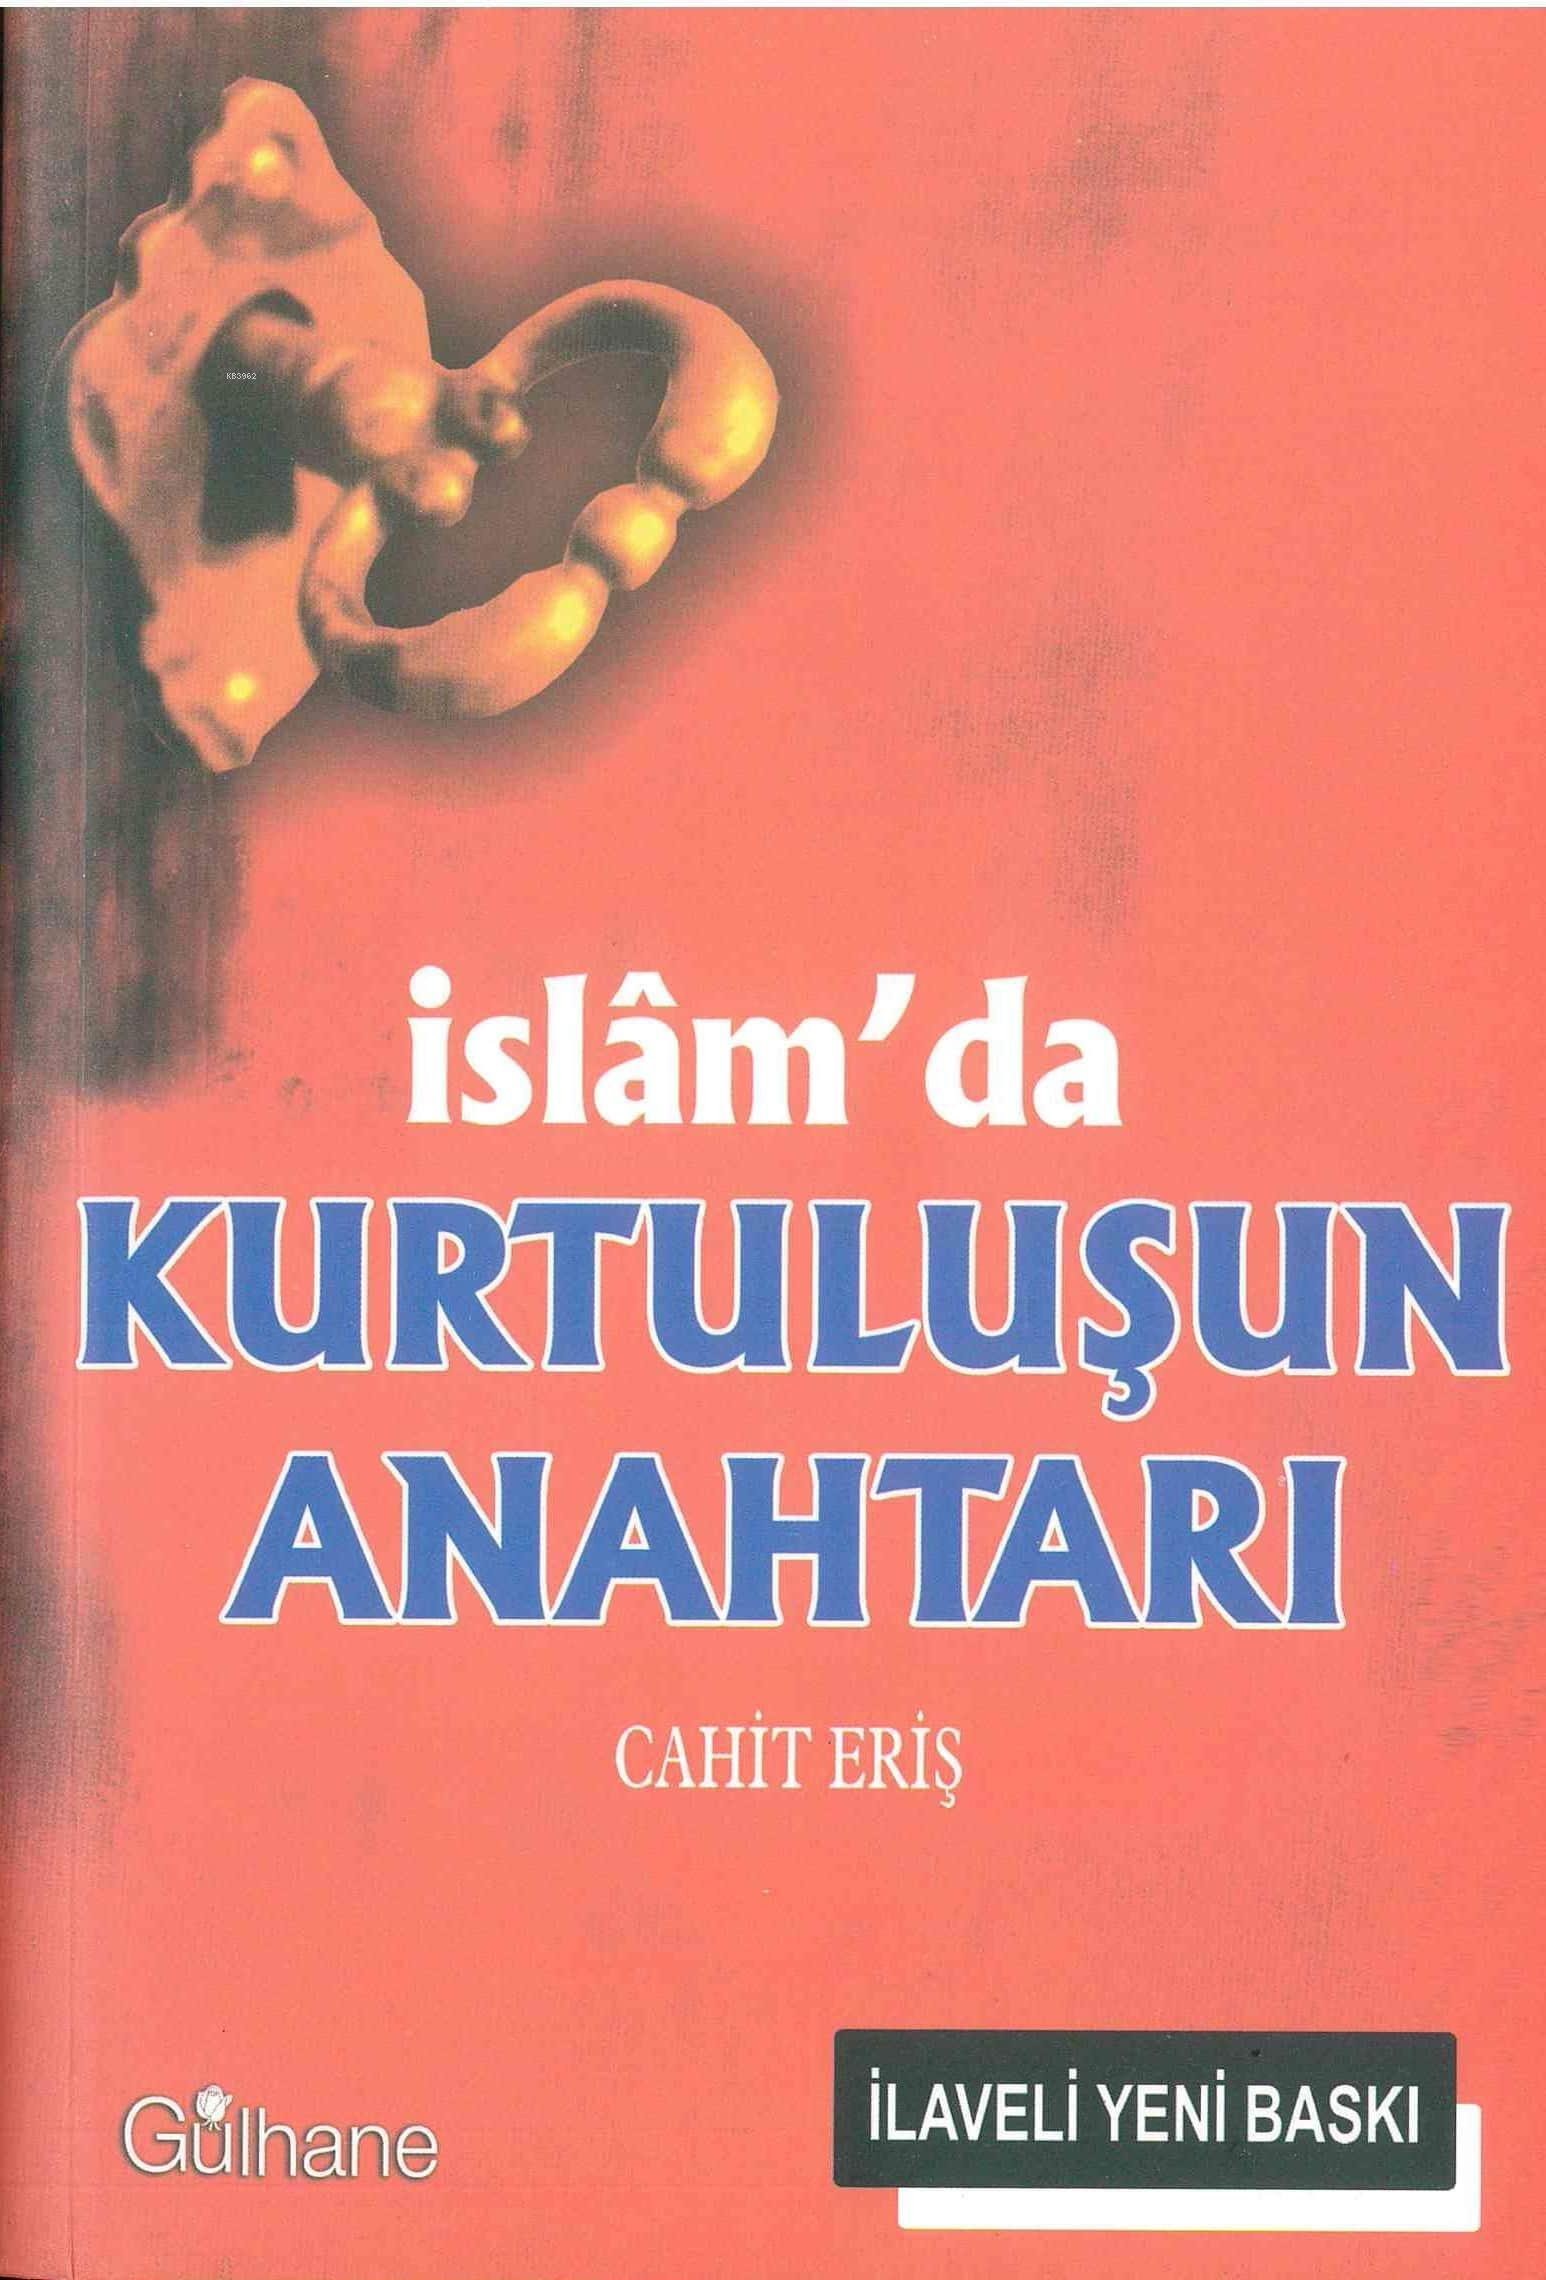 İslamda Kurtuluşun Anahtarı